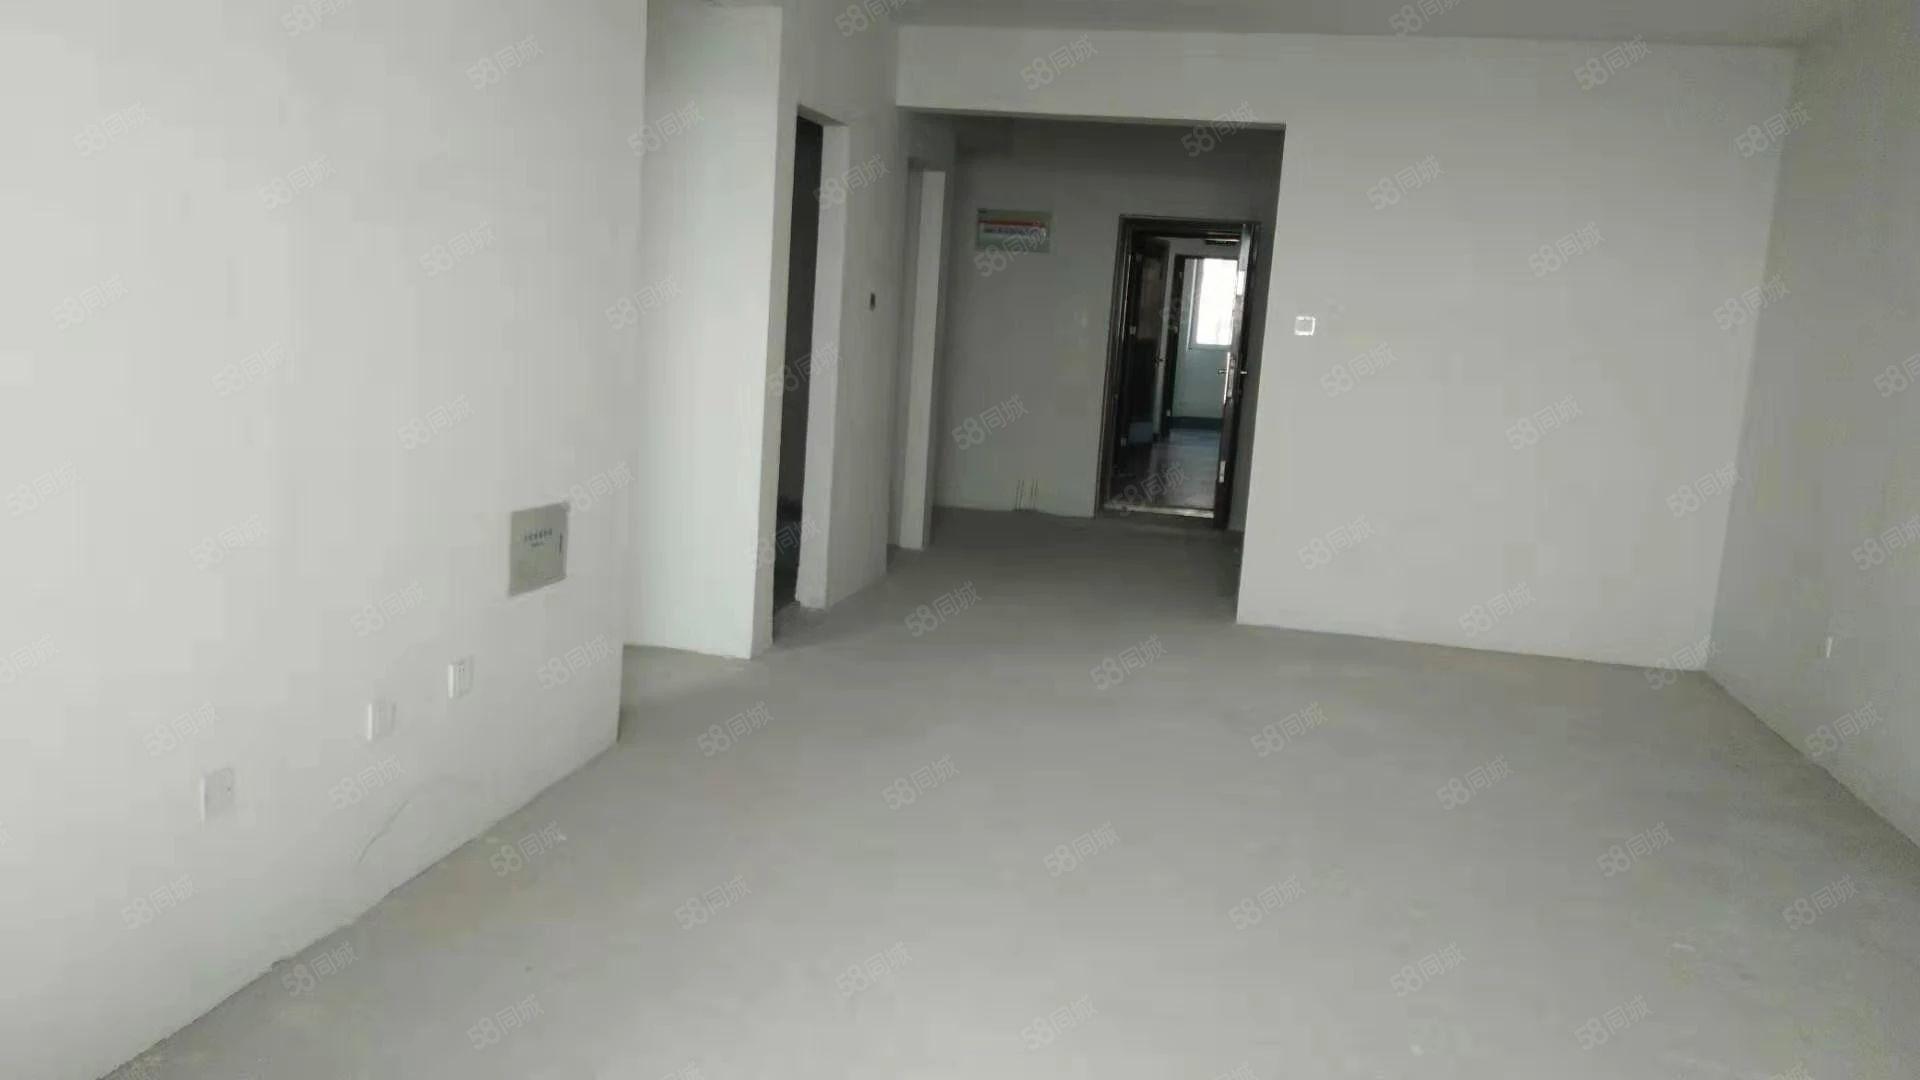 滕州熙城国际108平一室一厅朝阳可贷款